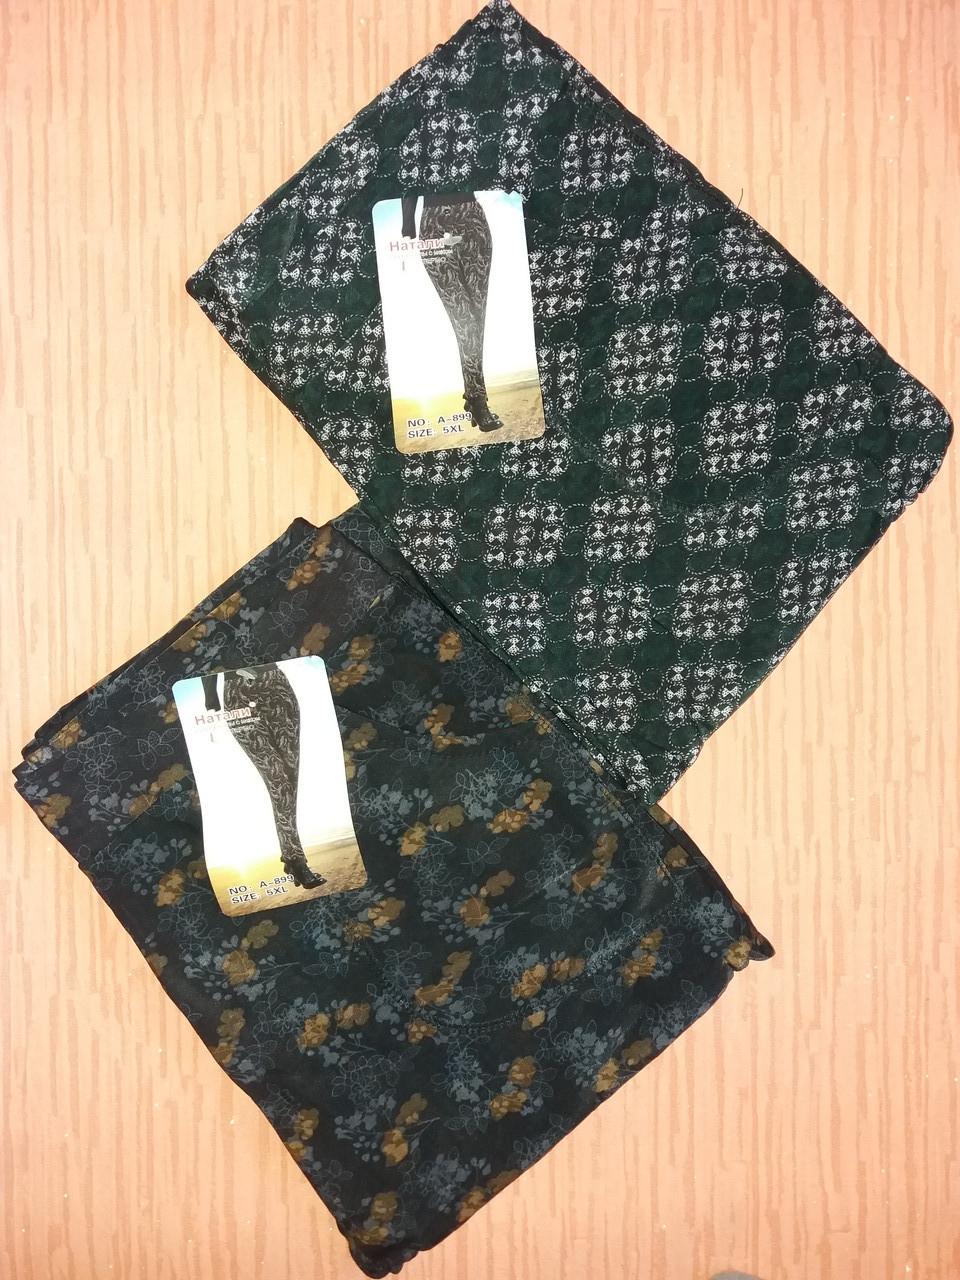 Лосины штаны женские теплые на меху р.5х-50-52; р.6х-54-56. От 4шт по 79грн